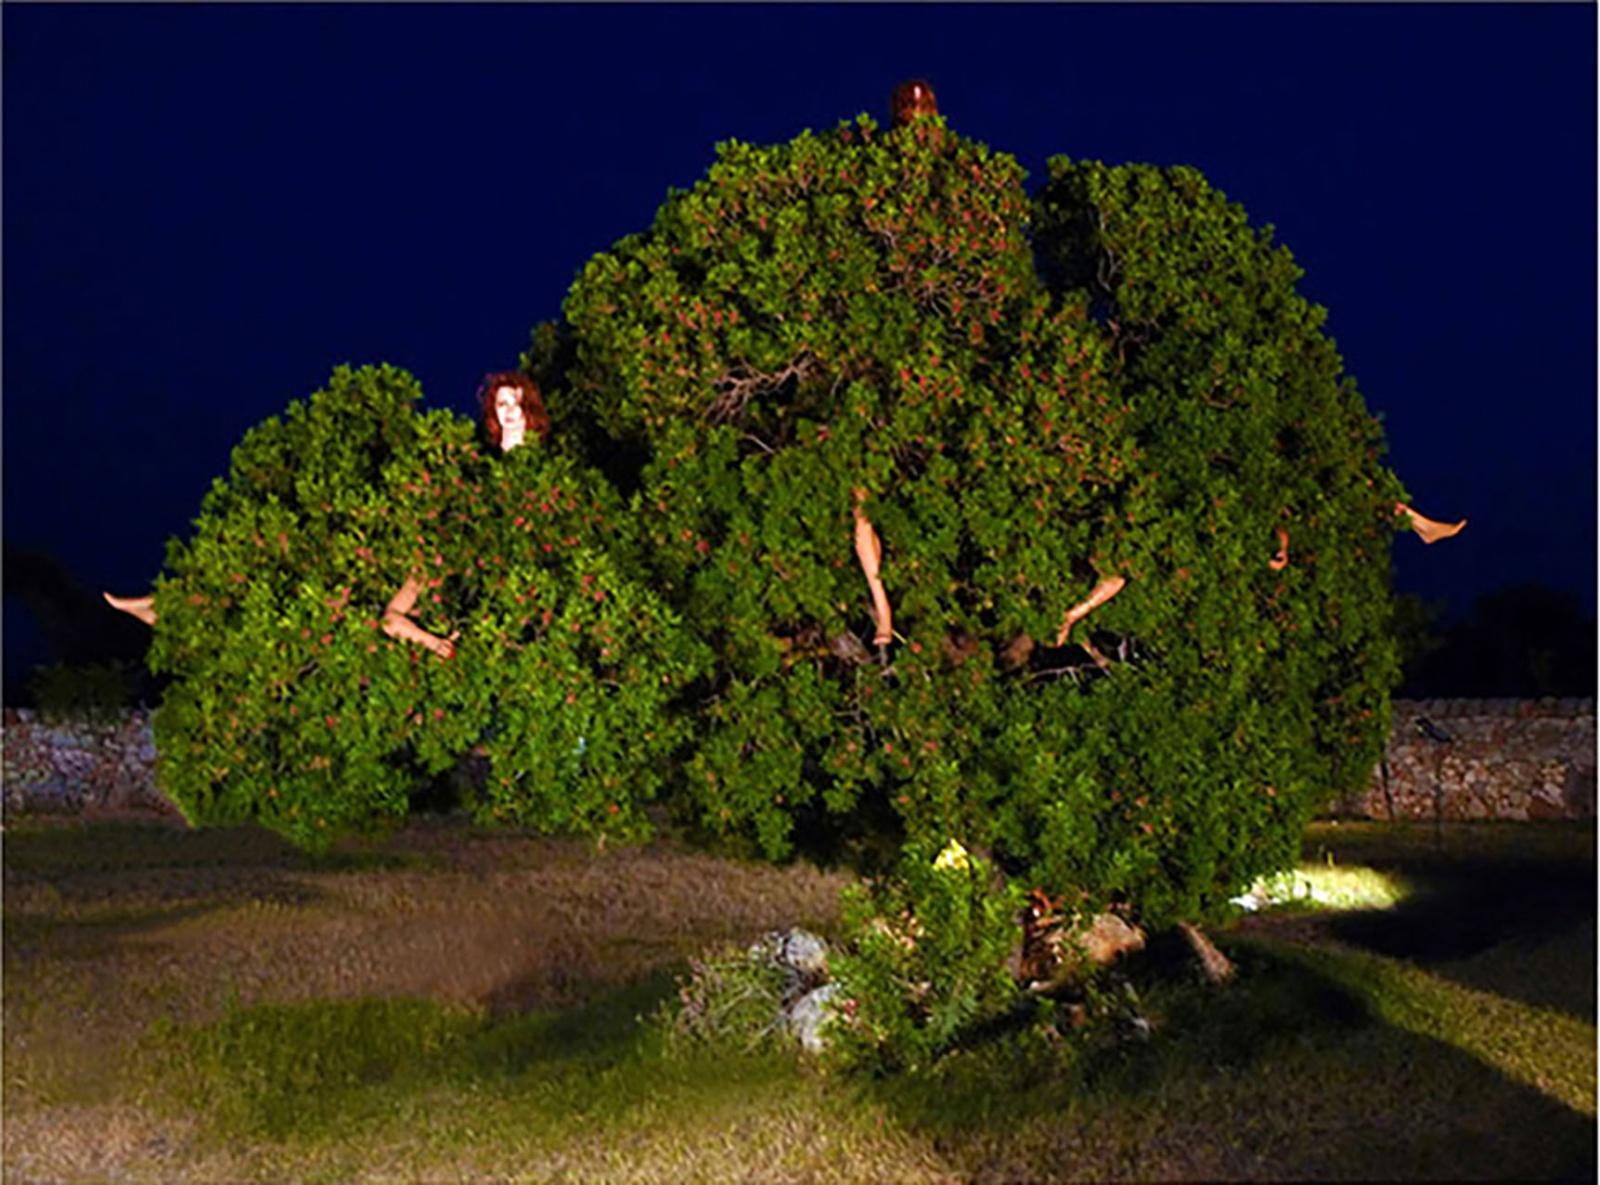 ALBERO ABITATO . 2010 - Installazione con albero e manichini Masseria Boezio (Ostuni), estate 2010